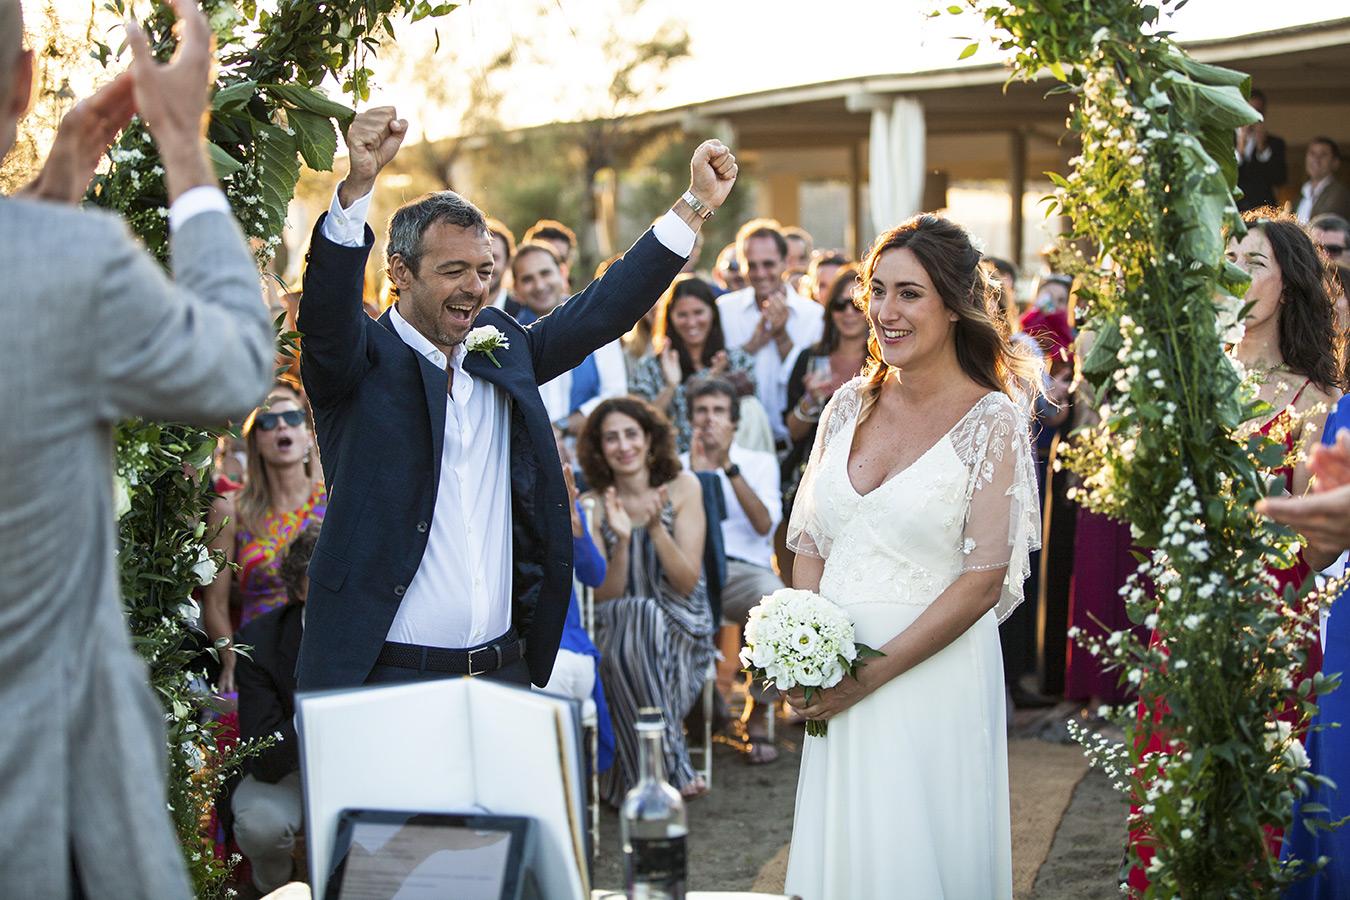 Matrimonio Ultima Spiaggia Capalbio : Fotografia matrimonio capalbio reportage centro italia